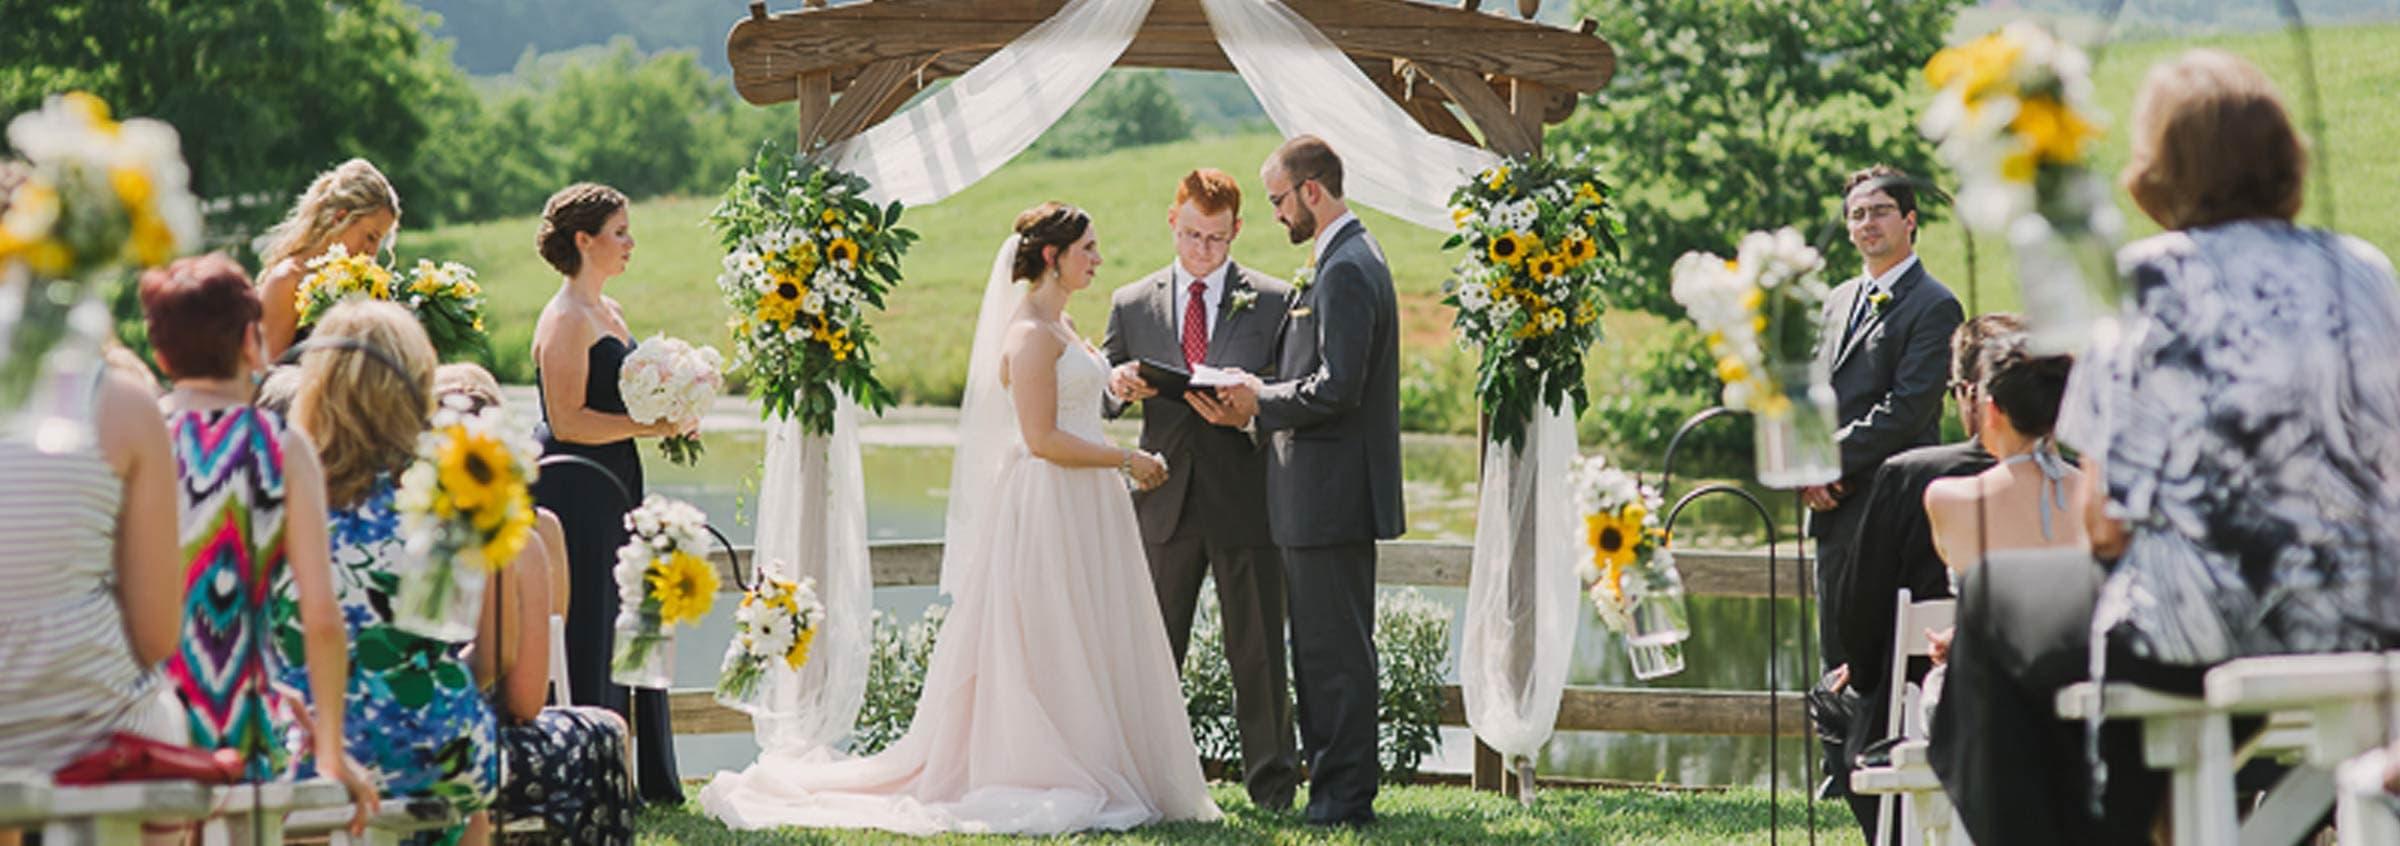 sunflowers-wedding